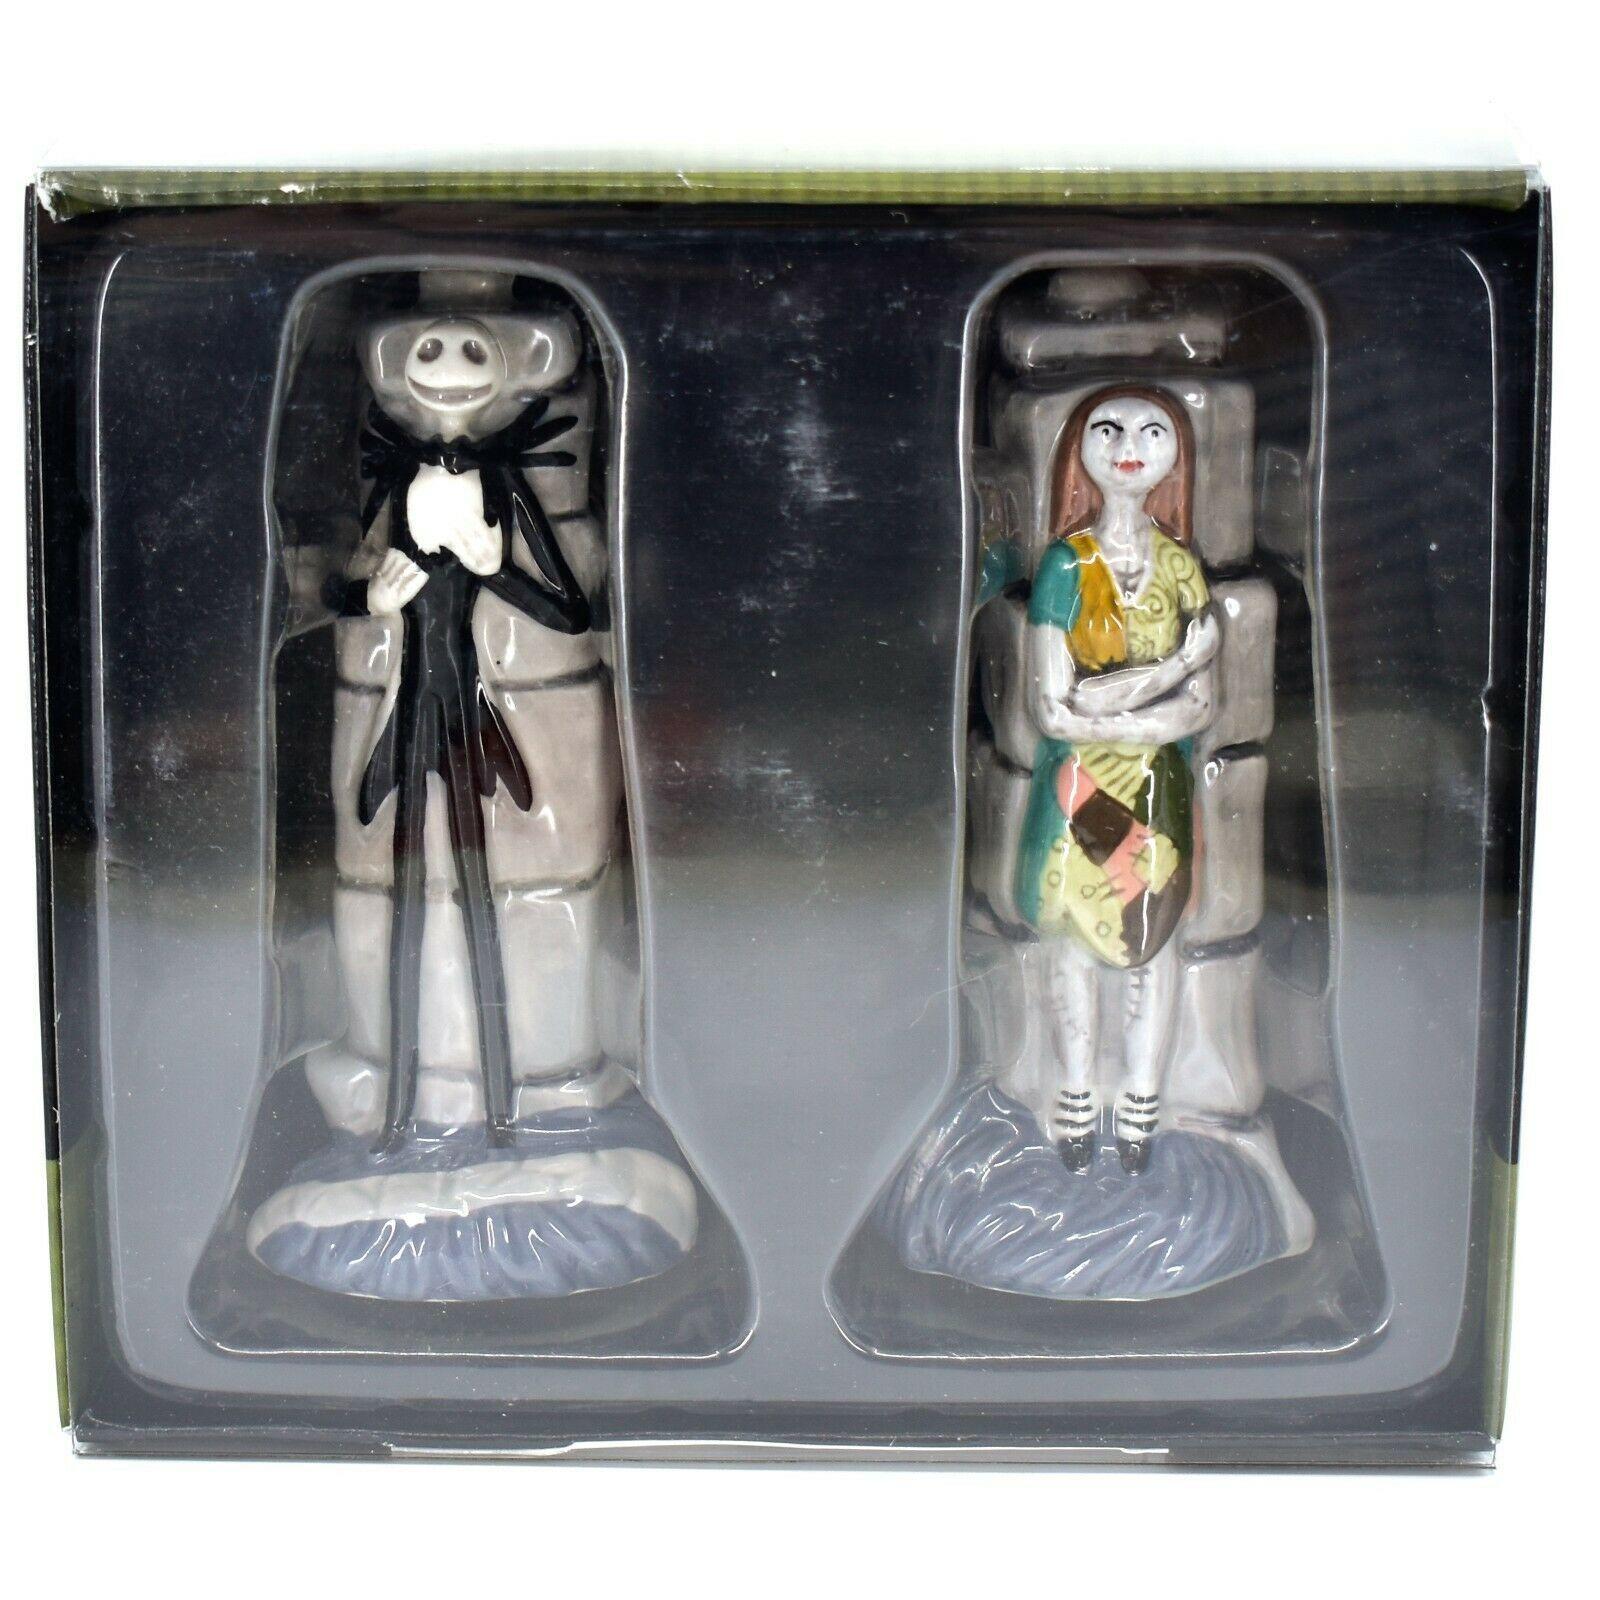 Enesco Nightmare Before Christmas Jack Skellington & Sally Salt Pepper Shakers